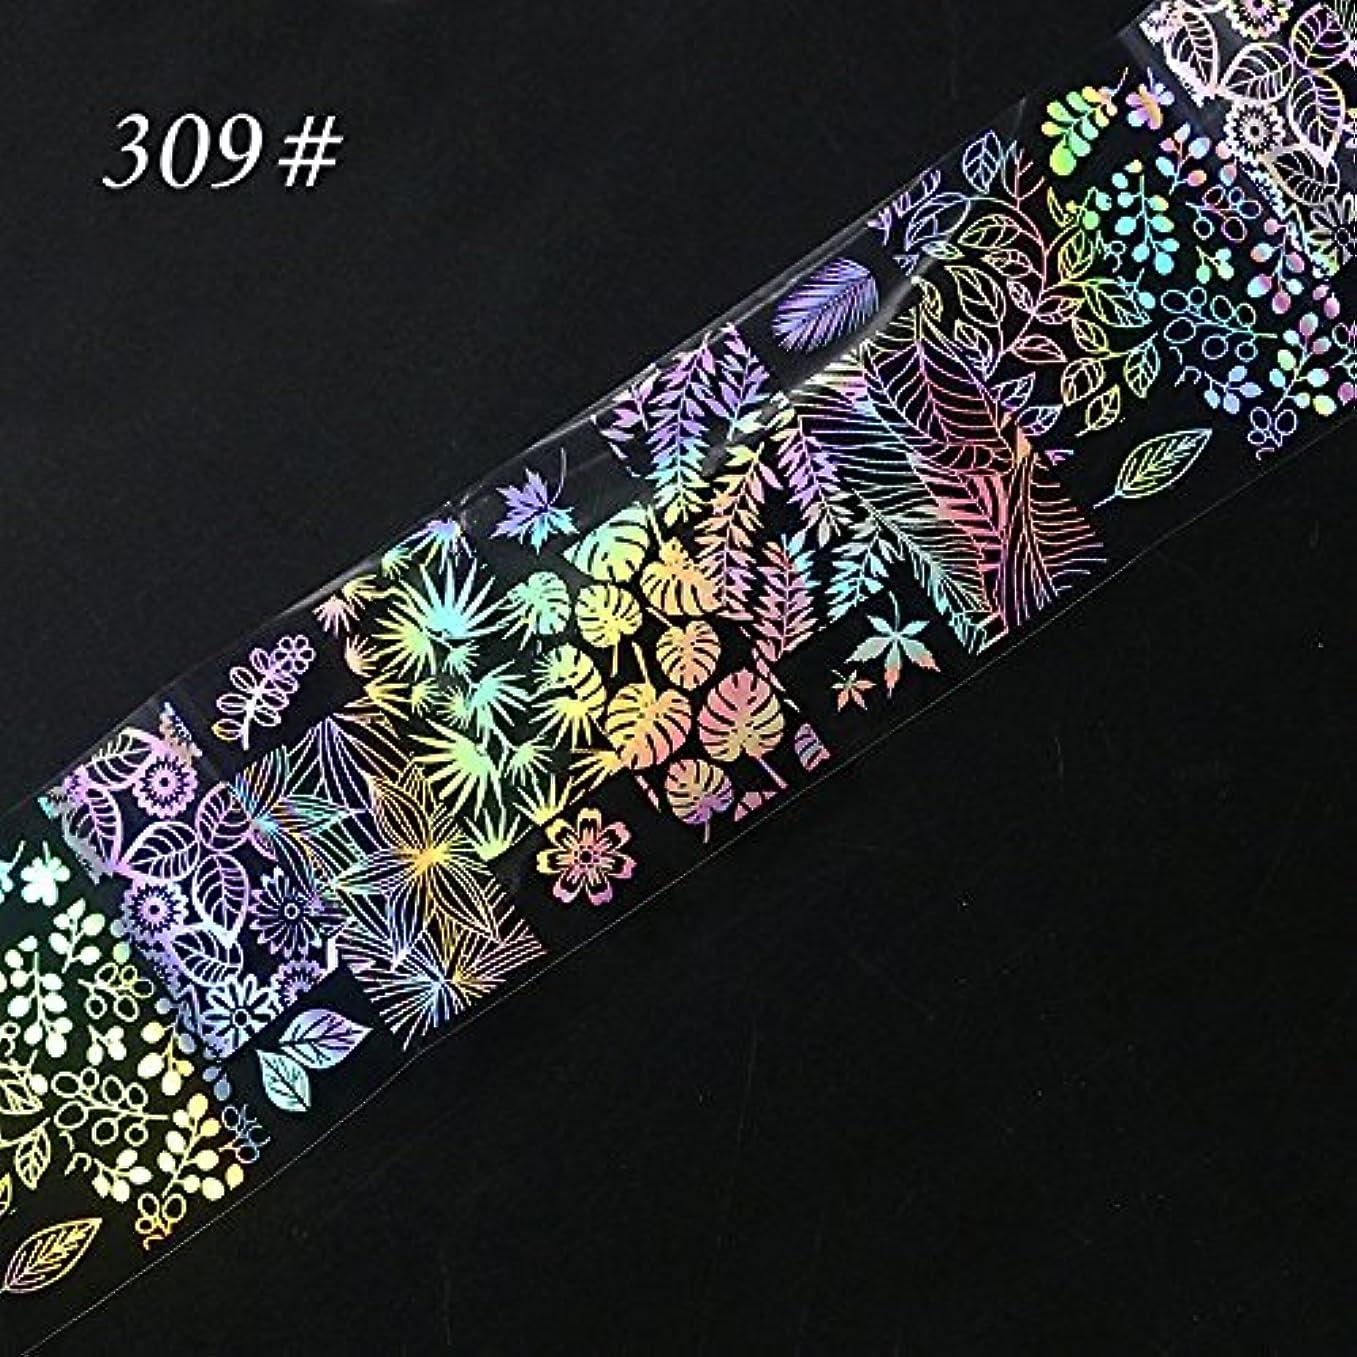 比率進化ニコチンネイルアート ホイル ステッカー YOKINO 3D星空ネイルホイル ガイドプレート スタンピングネイルアートツール4cmX100cm (D)